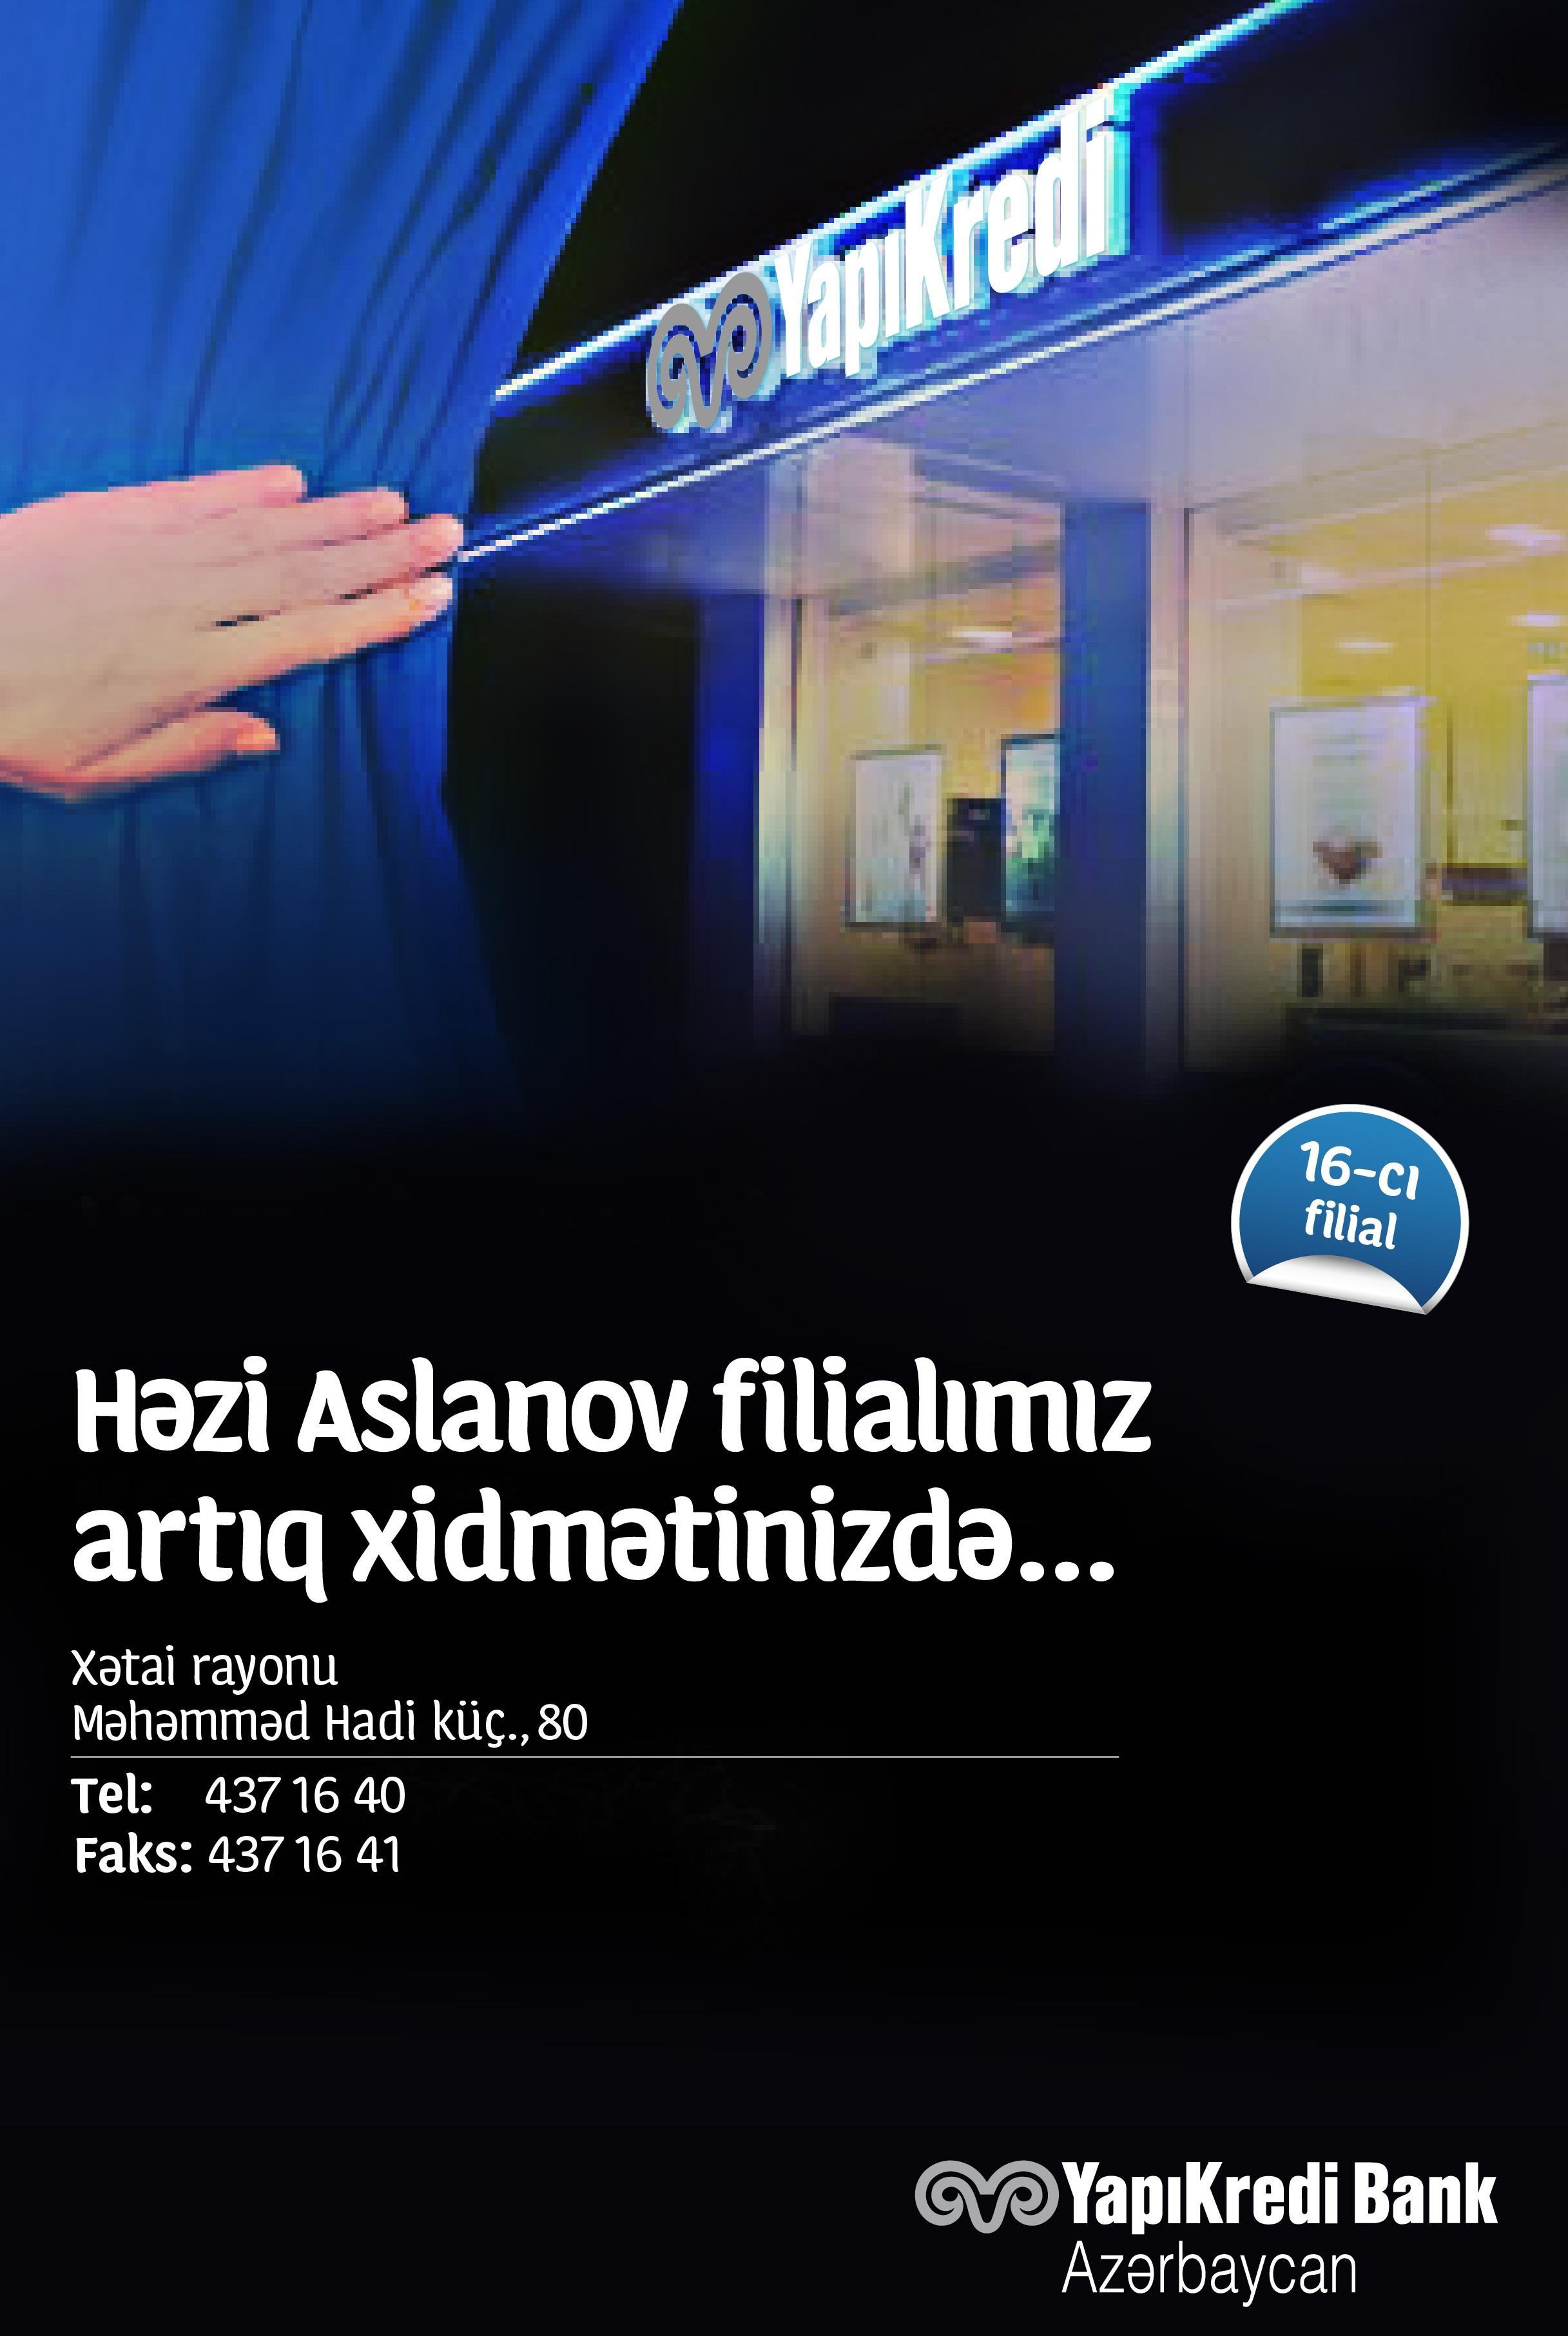 """""""Yapikredi Bank Azərbaycan"""" 16-cı filialını Həzi Aslanovda açdı"""